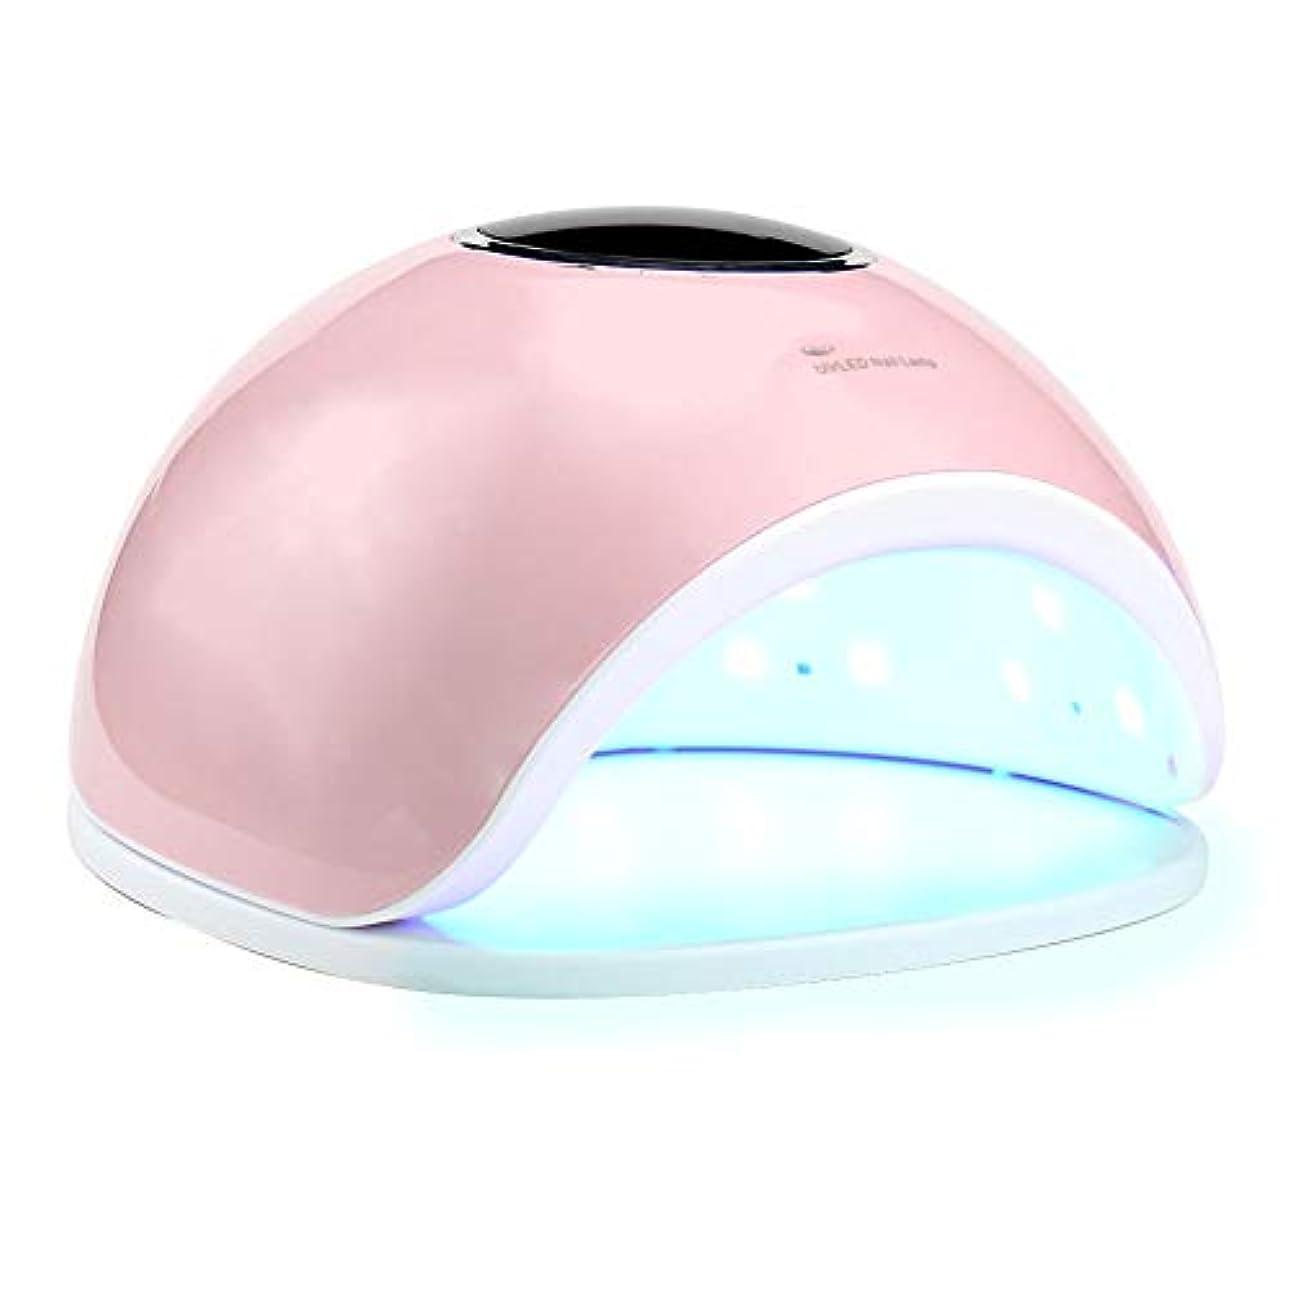 杭シーケンス担当者ネイルドライヤーポータブルネイルライト - ネイル光線療法機33ランプビーズ液晶ディスプレイ無痛モード4タイミング,Pink